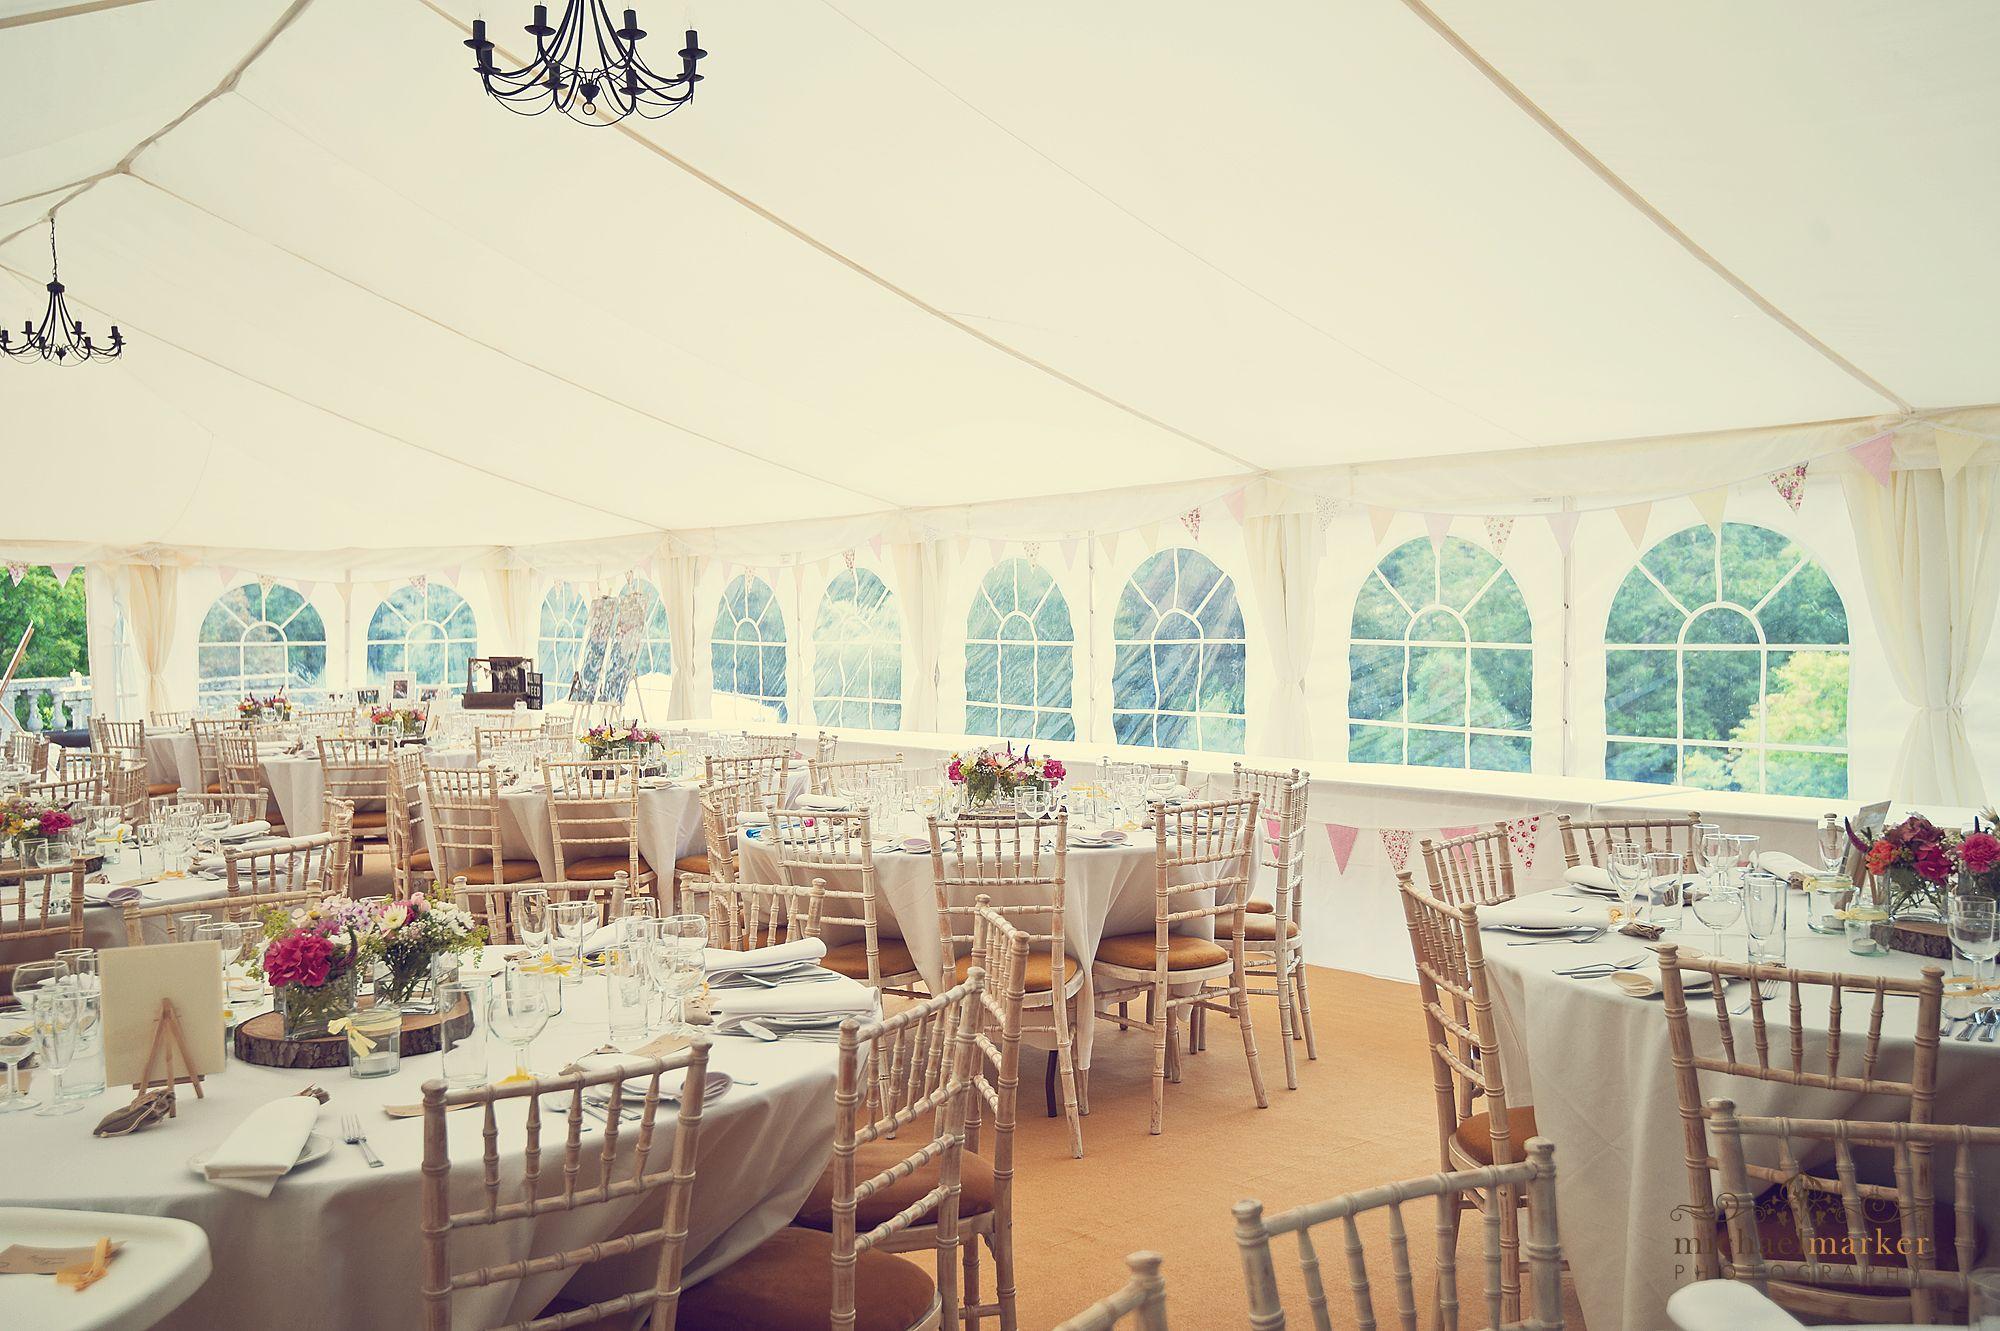 Devon marquee decoration wedding decoration pinterest devon marquee decoration junglespirit Image collections